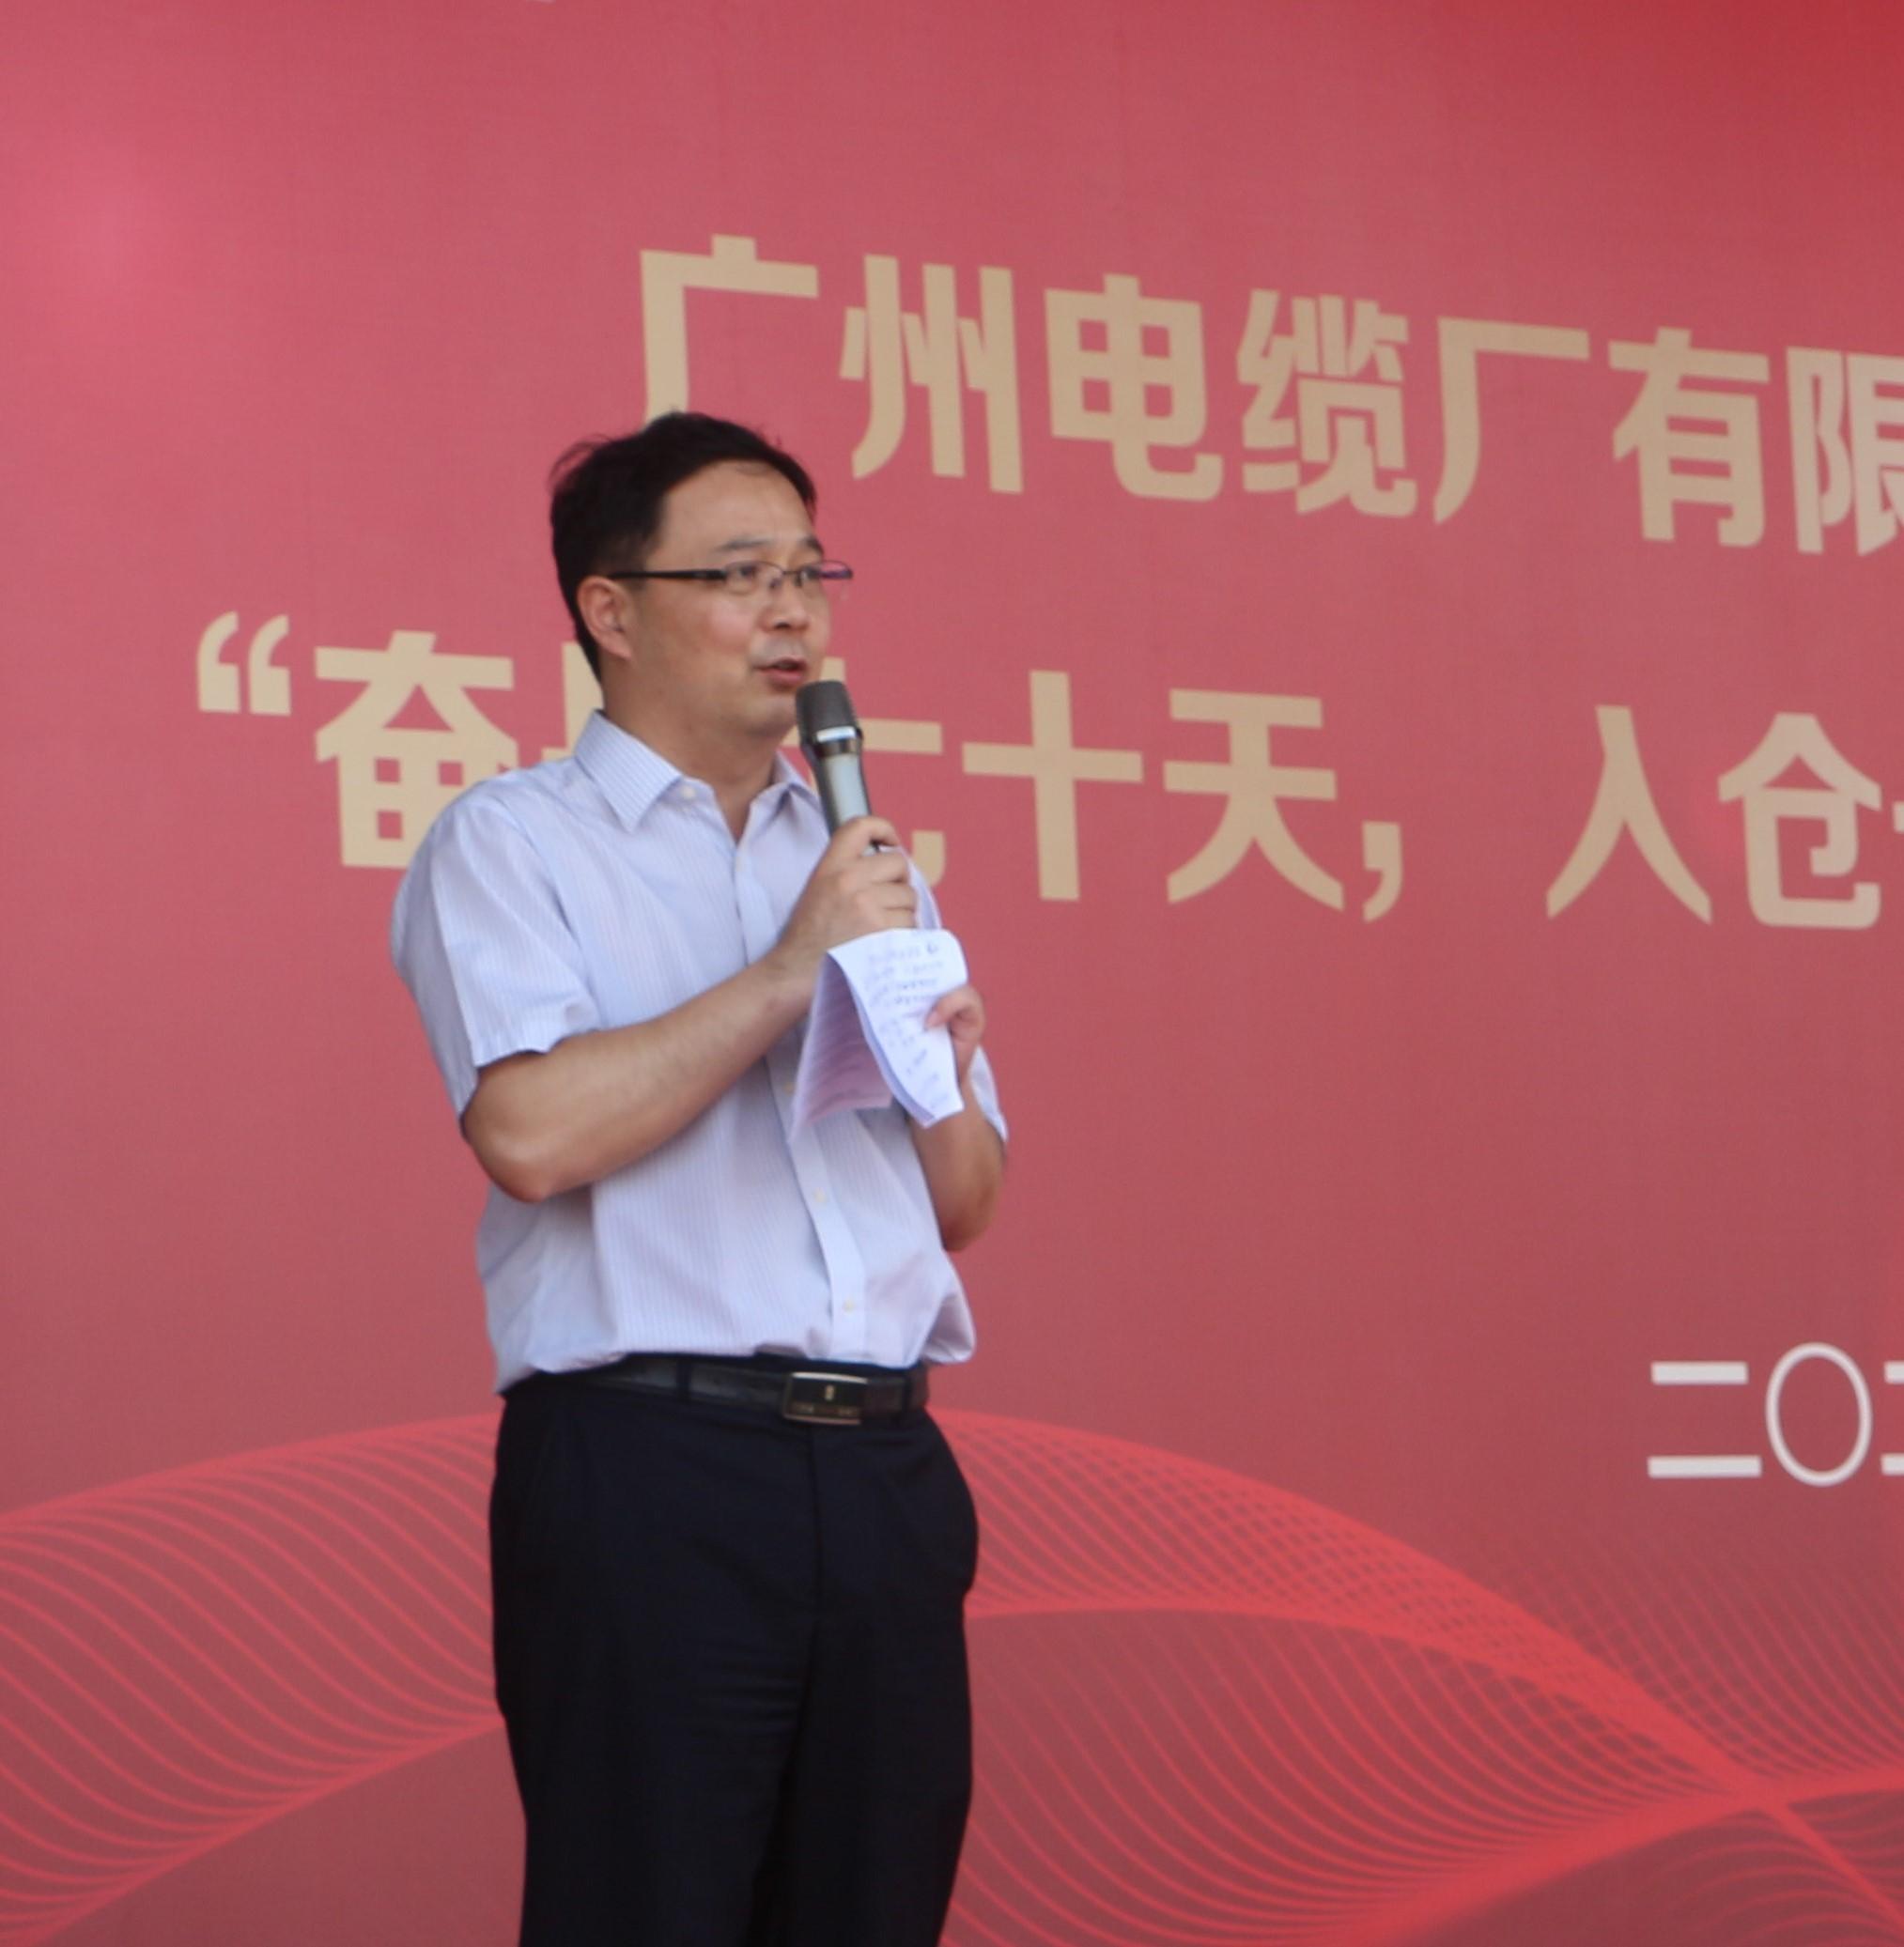 """广州电缆""""疫情大考""""成绩亮眼,先进集体和个人获表彰"""